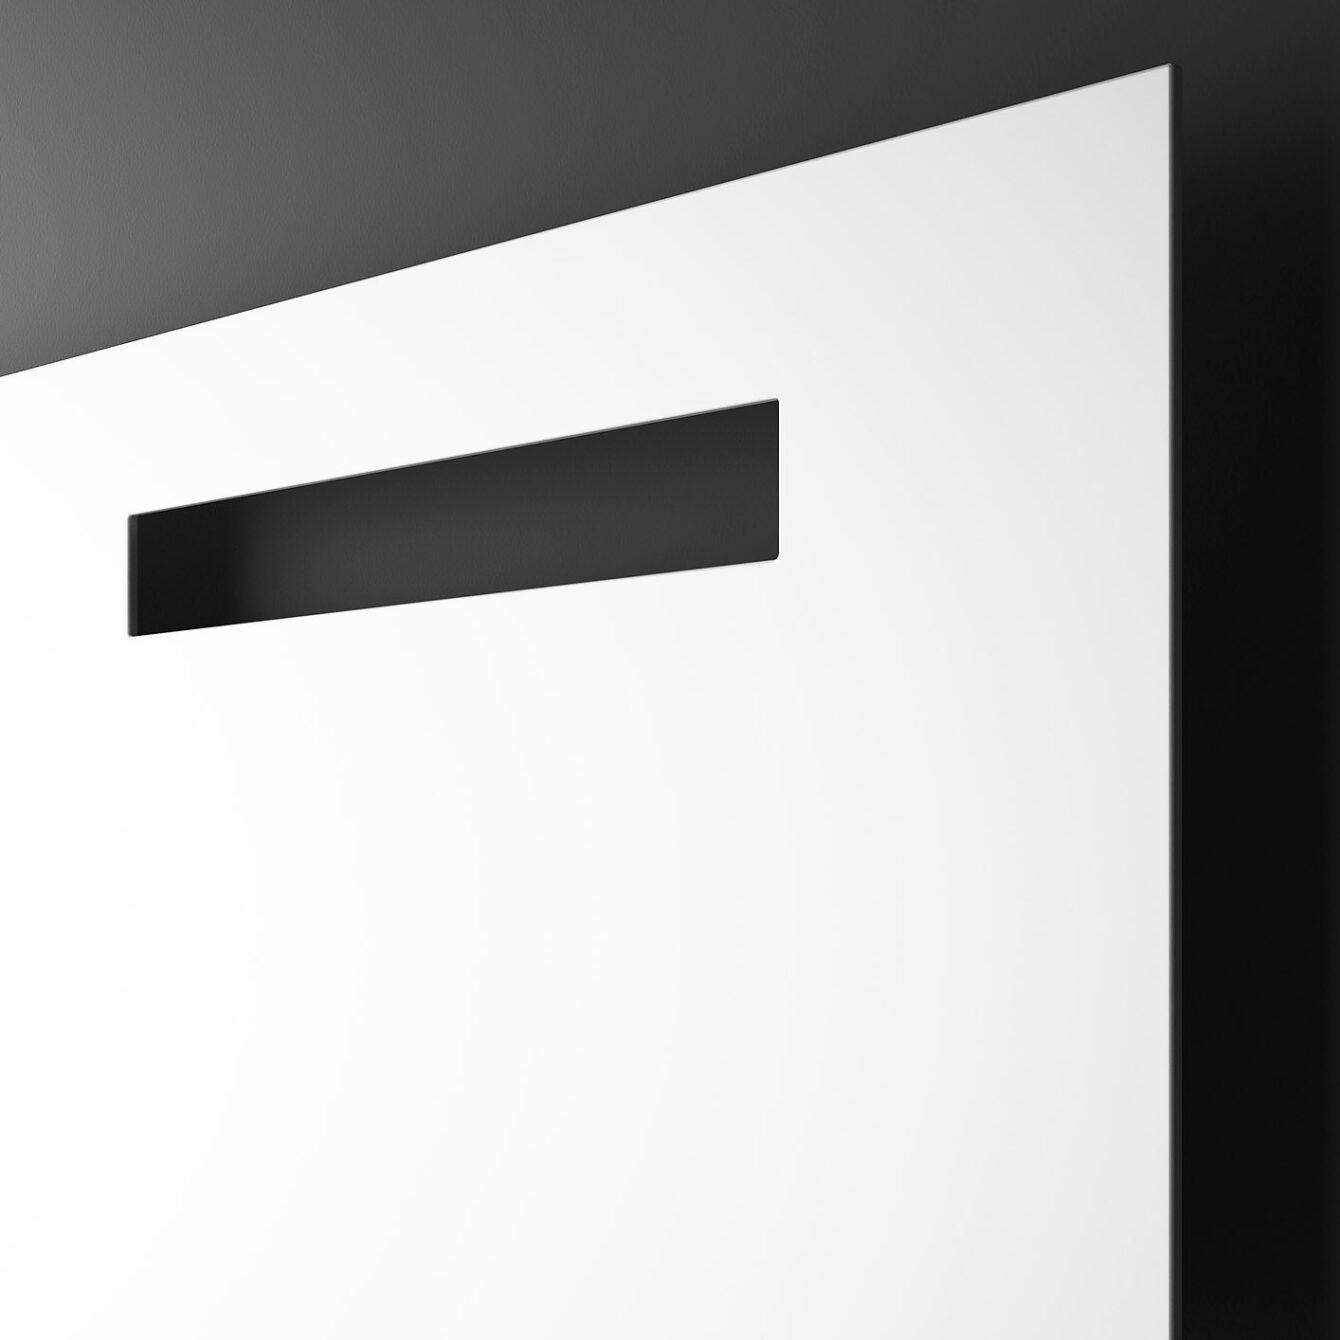 Bauhaus Heizpaneel für exklusives Wohnen von Hotech   Radiamo